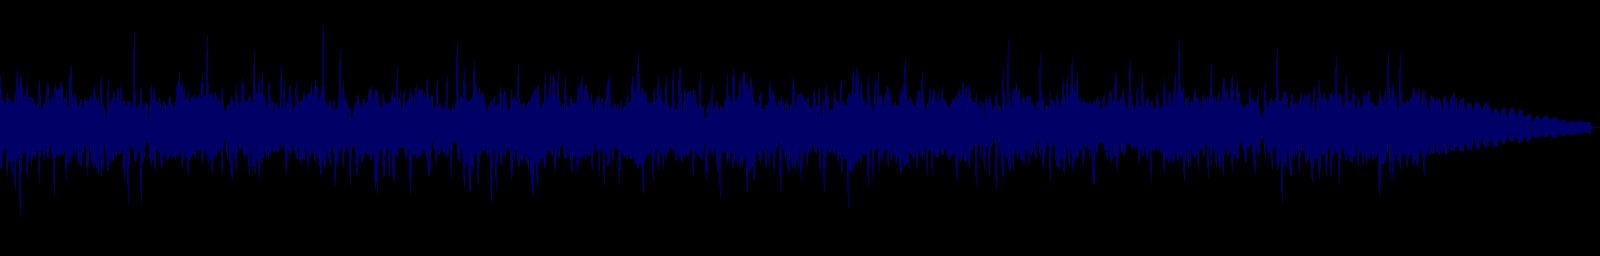 waveform of track #152510